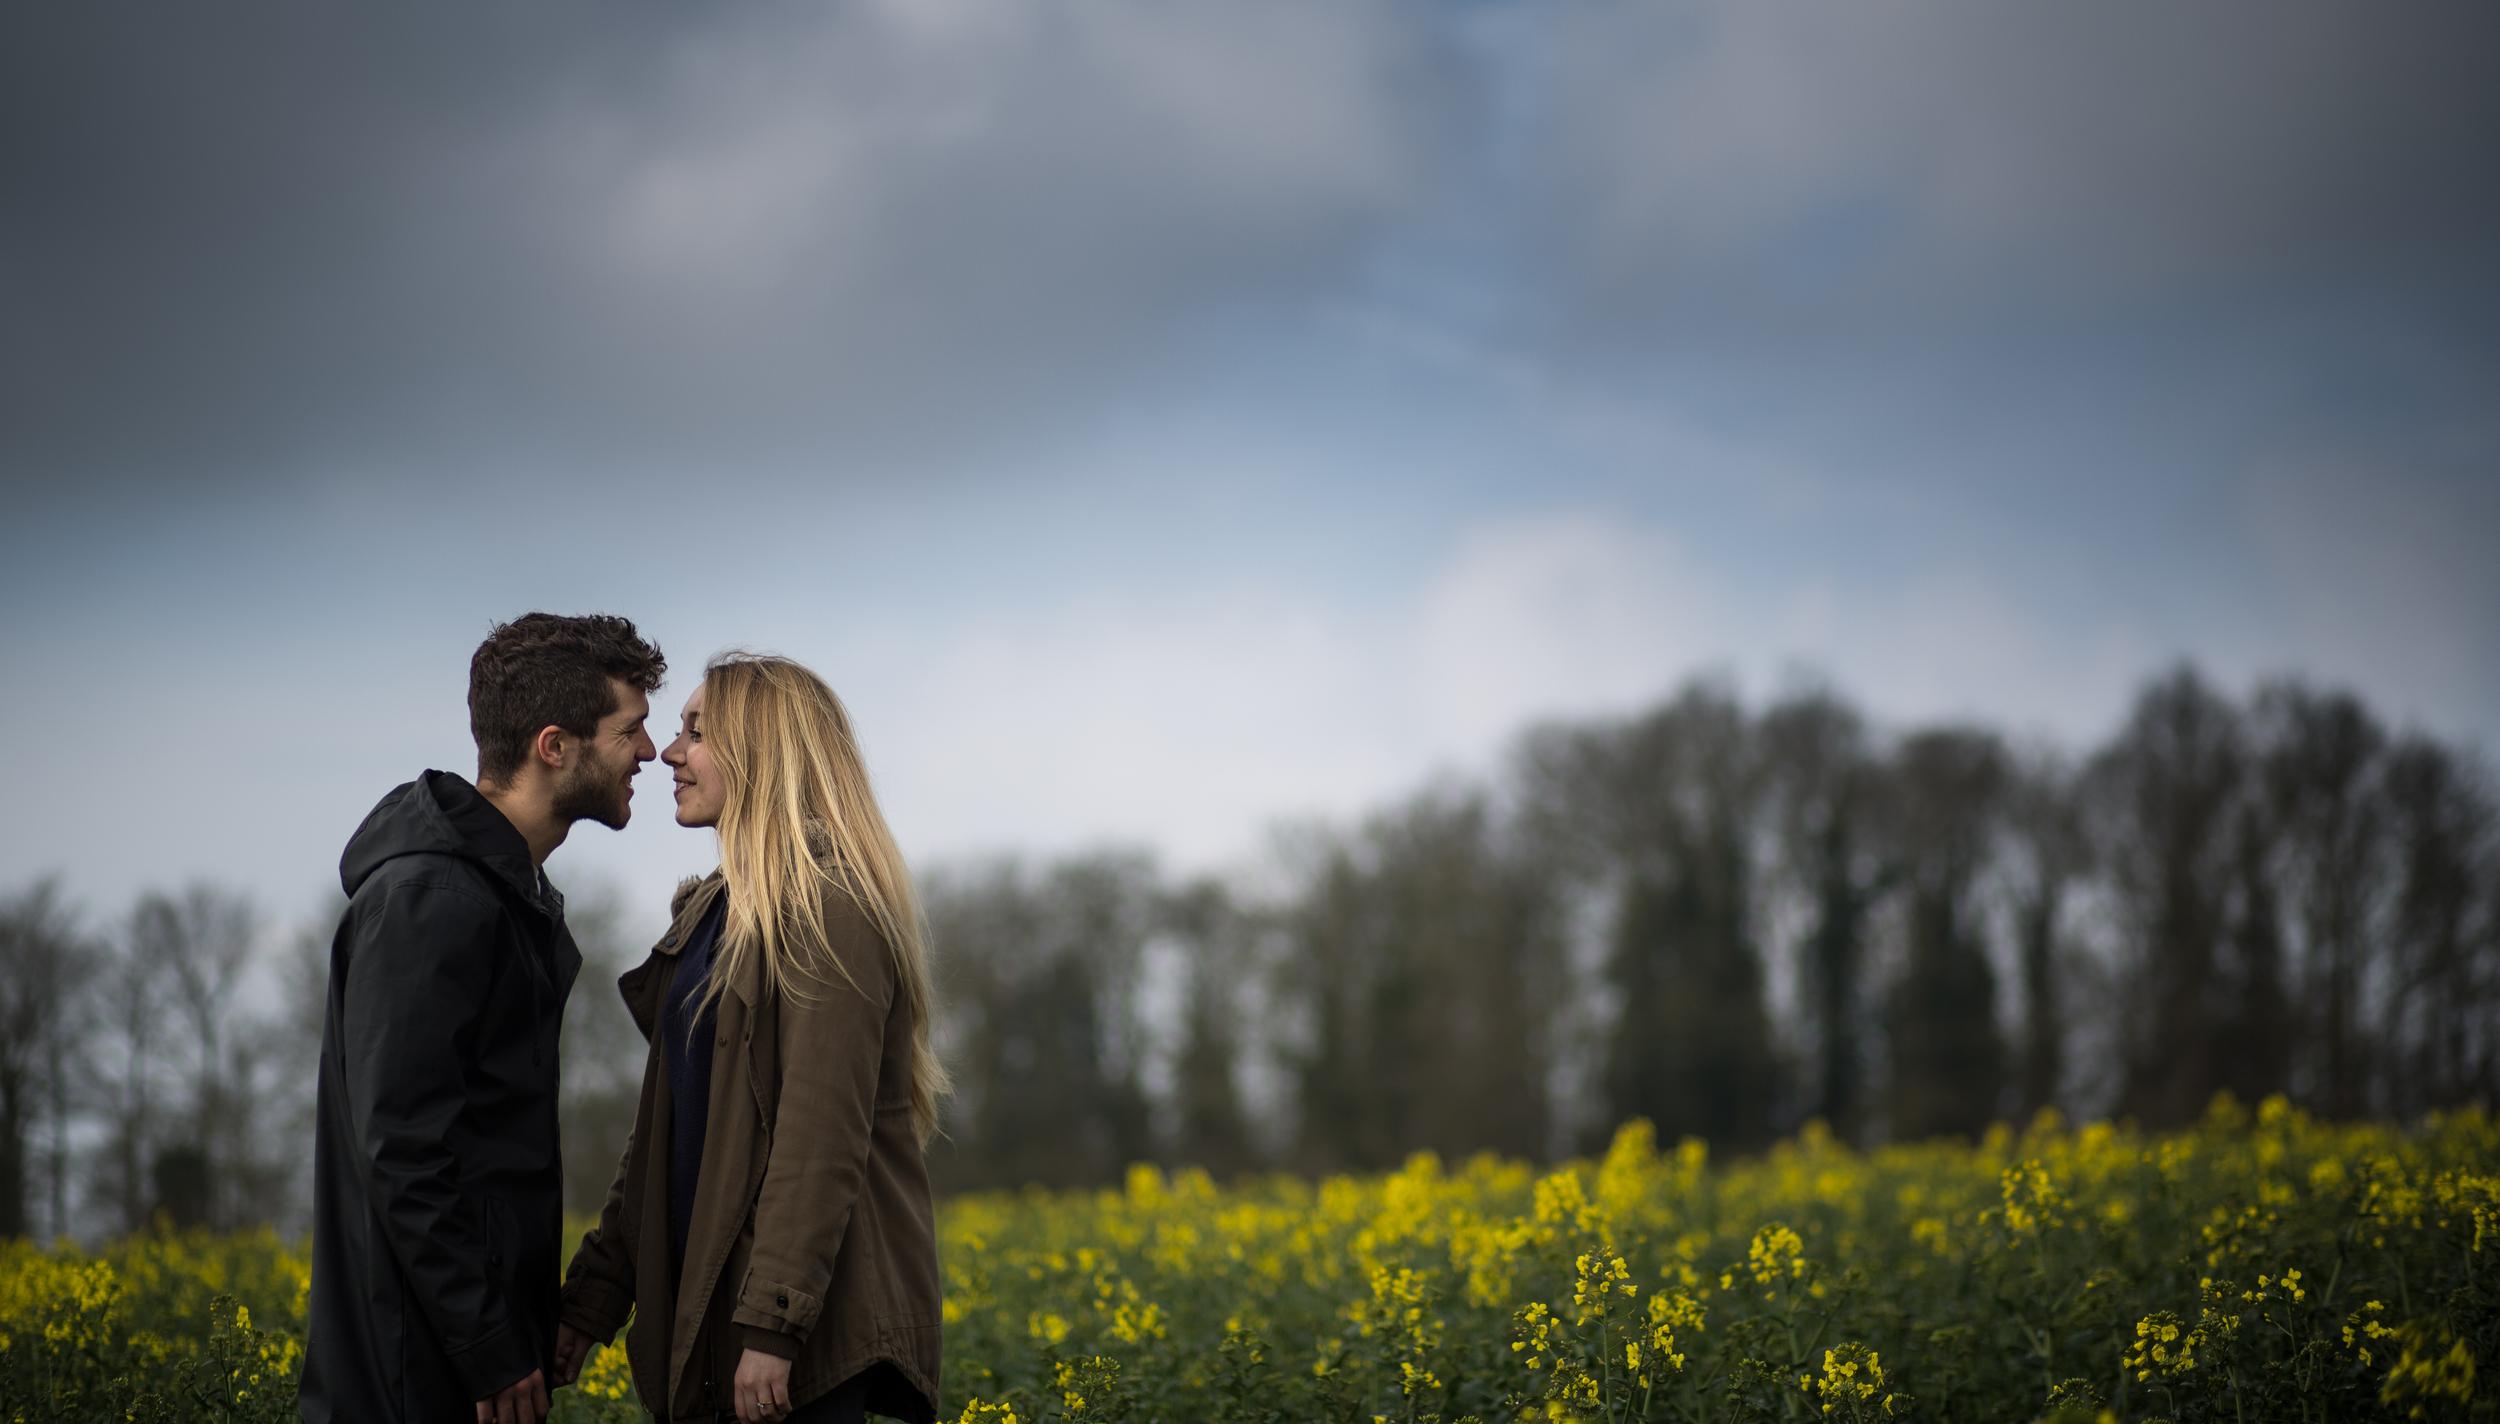 Pavenham-Bedfordshire-Engagement-Wedding-Photography-15